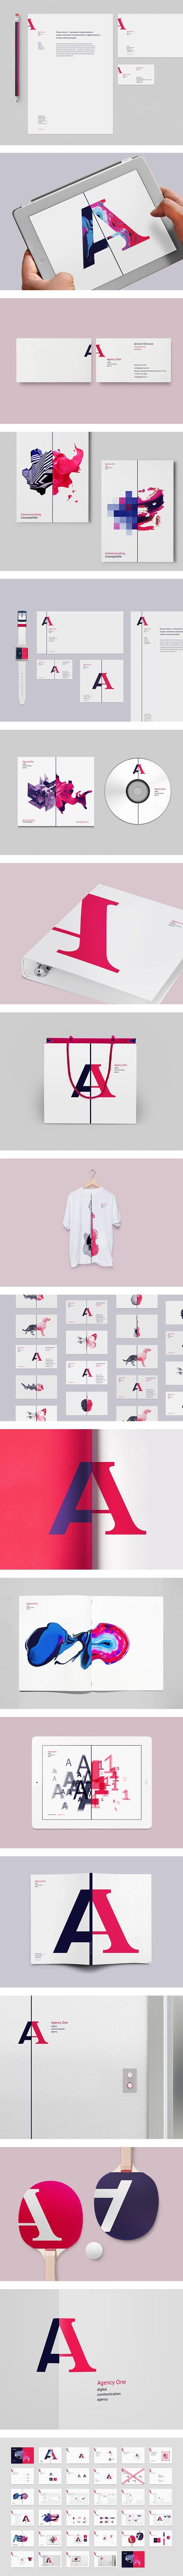 Agency One by Vova Lifanov